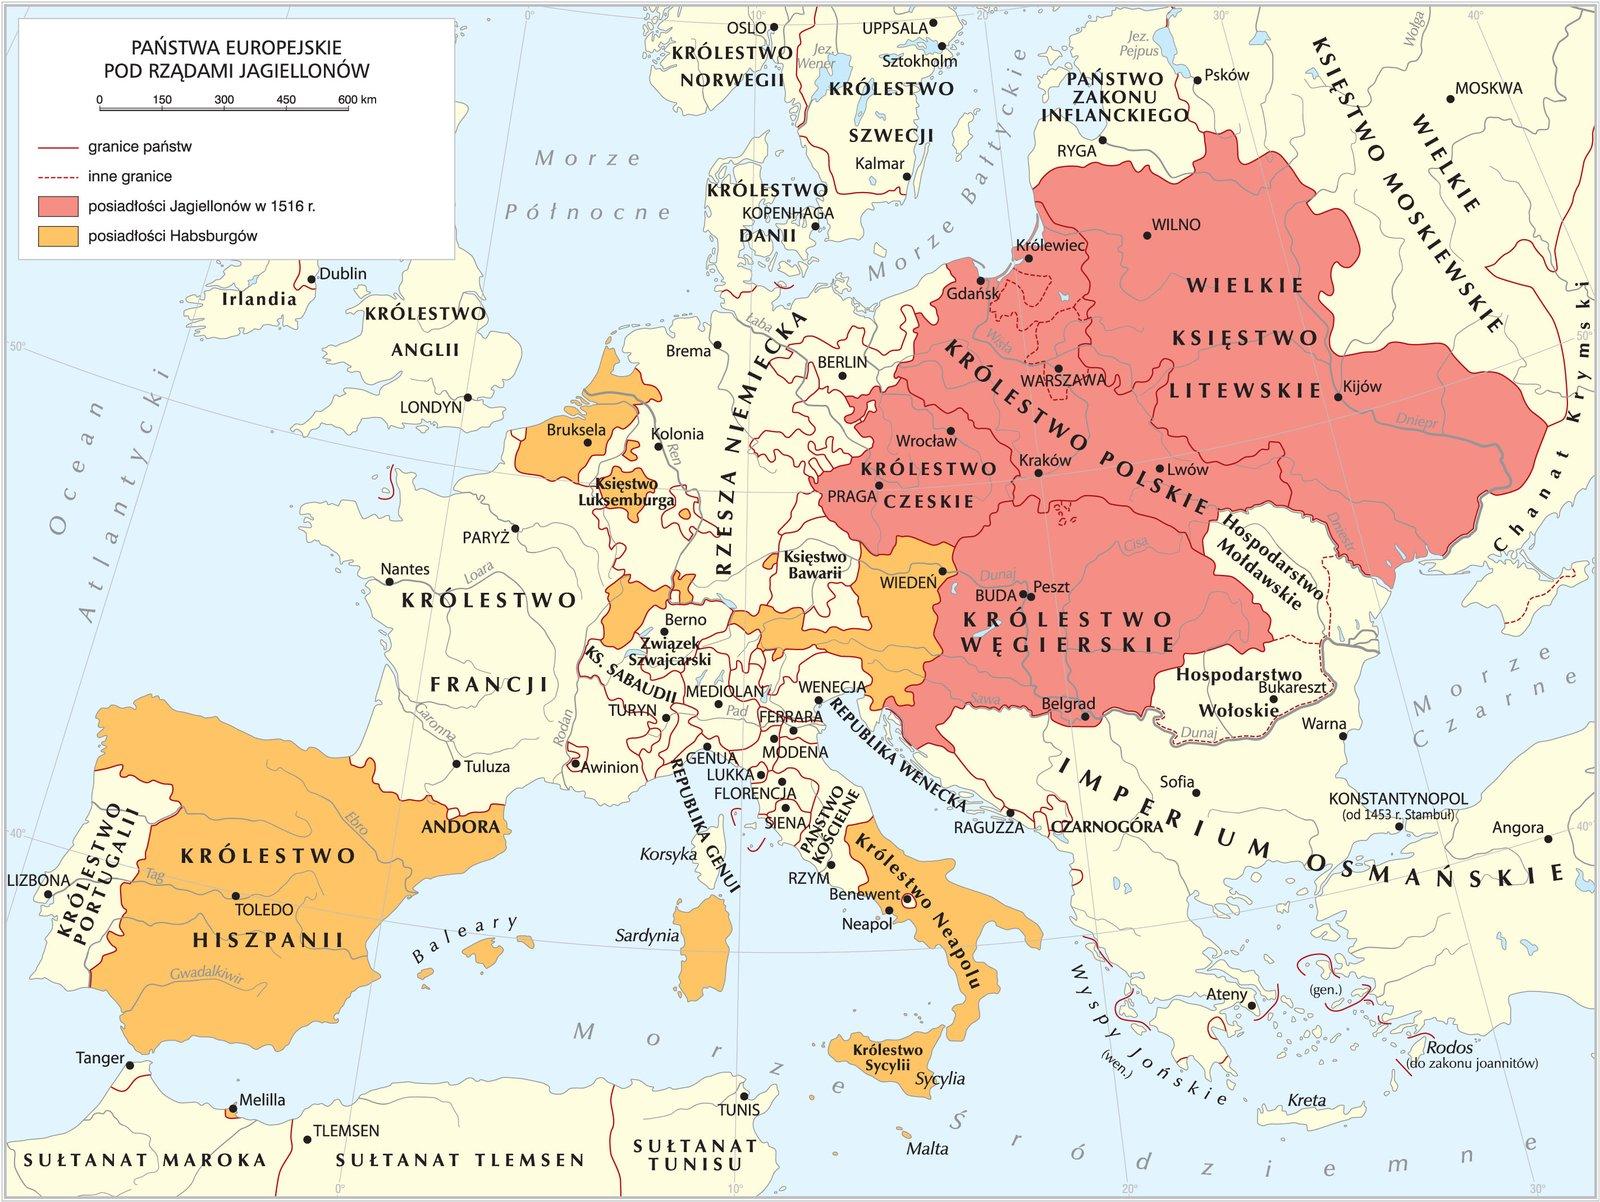 Państwa europejskie pod rządami Jagiellonów Źródło: Krystian Chariza izespół, Państwa europejskie pod rządami Jagiellonów, licencja: CC BY 3.0.